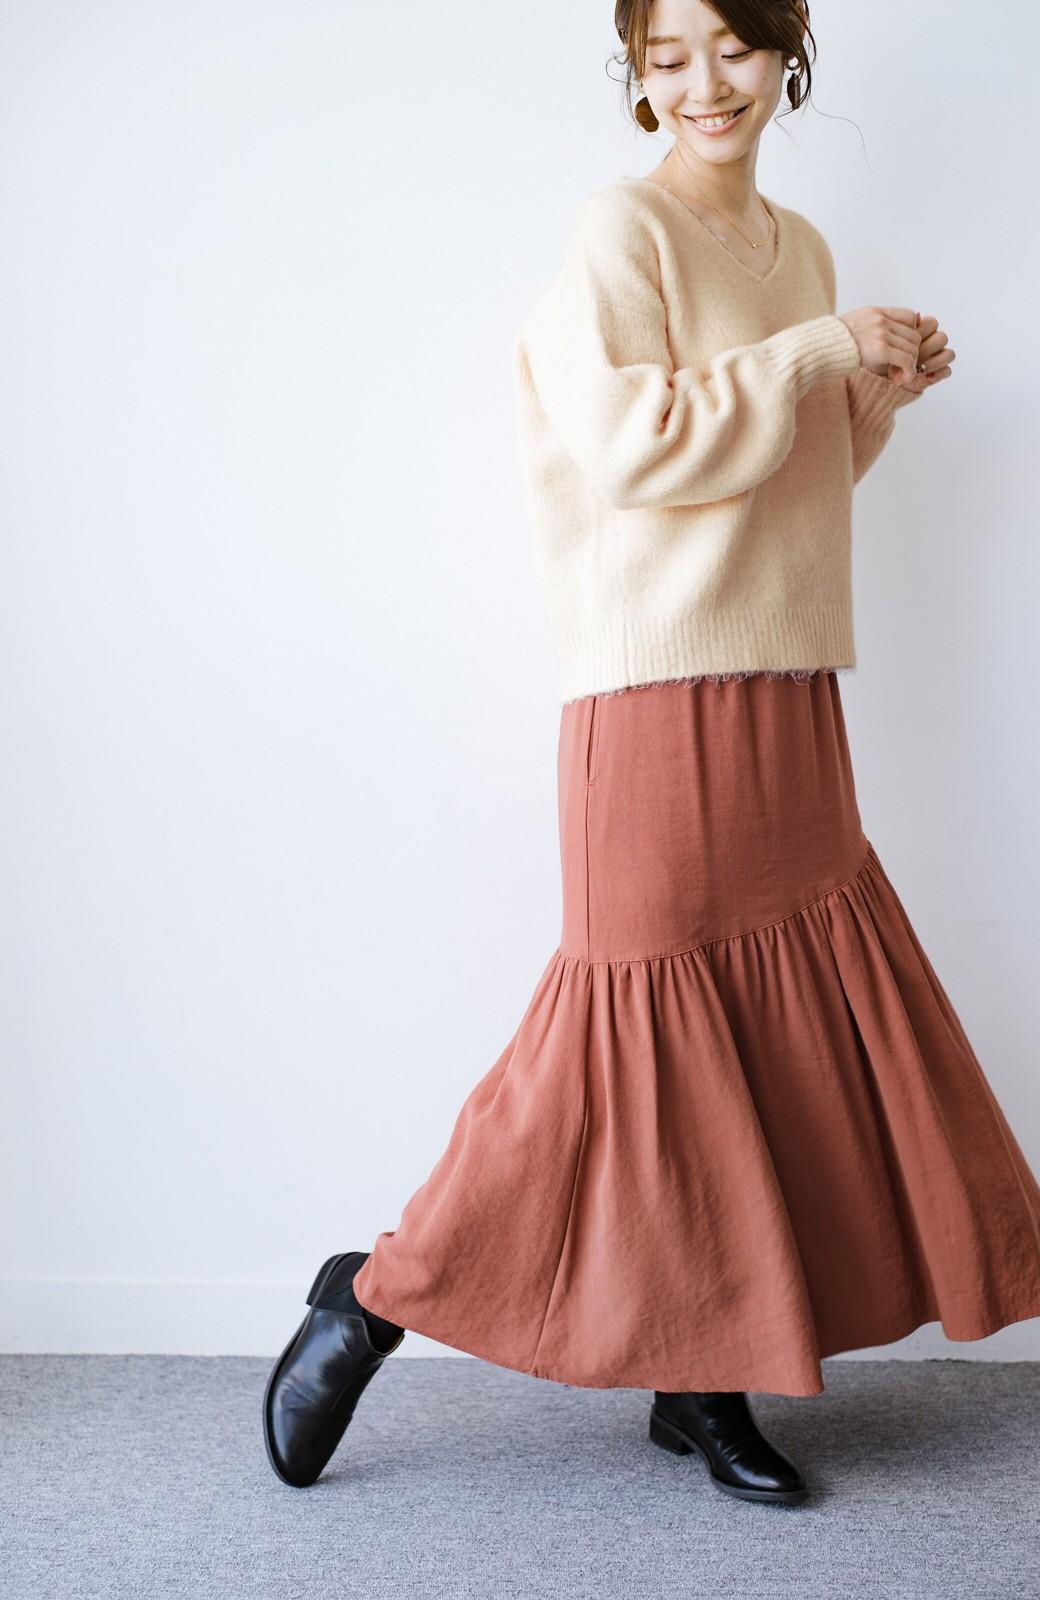 haco! 【加齢党】これで女らしさを取り戻す!パッと着るだけでほどよくちょっとだけ女っぽなVネックニット <アイボリー>の商品写真17